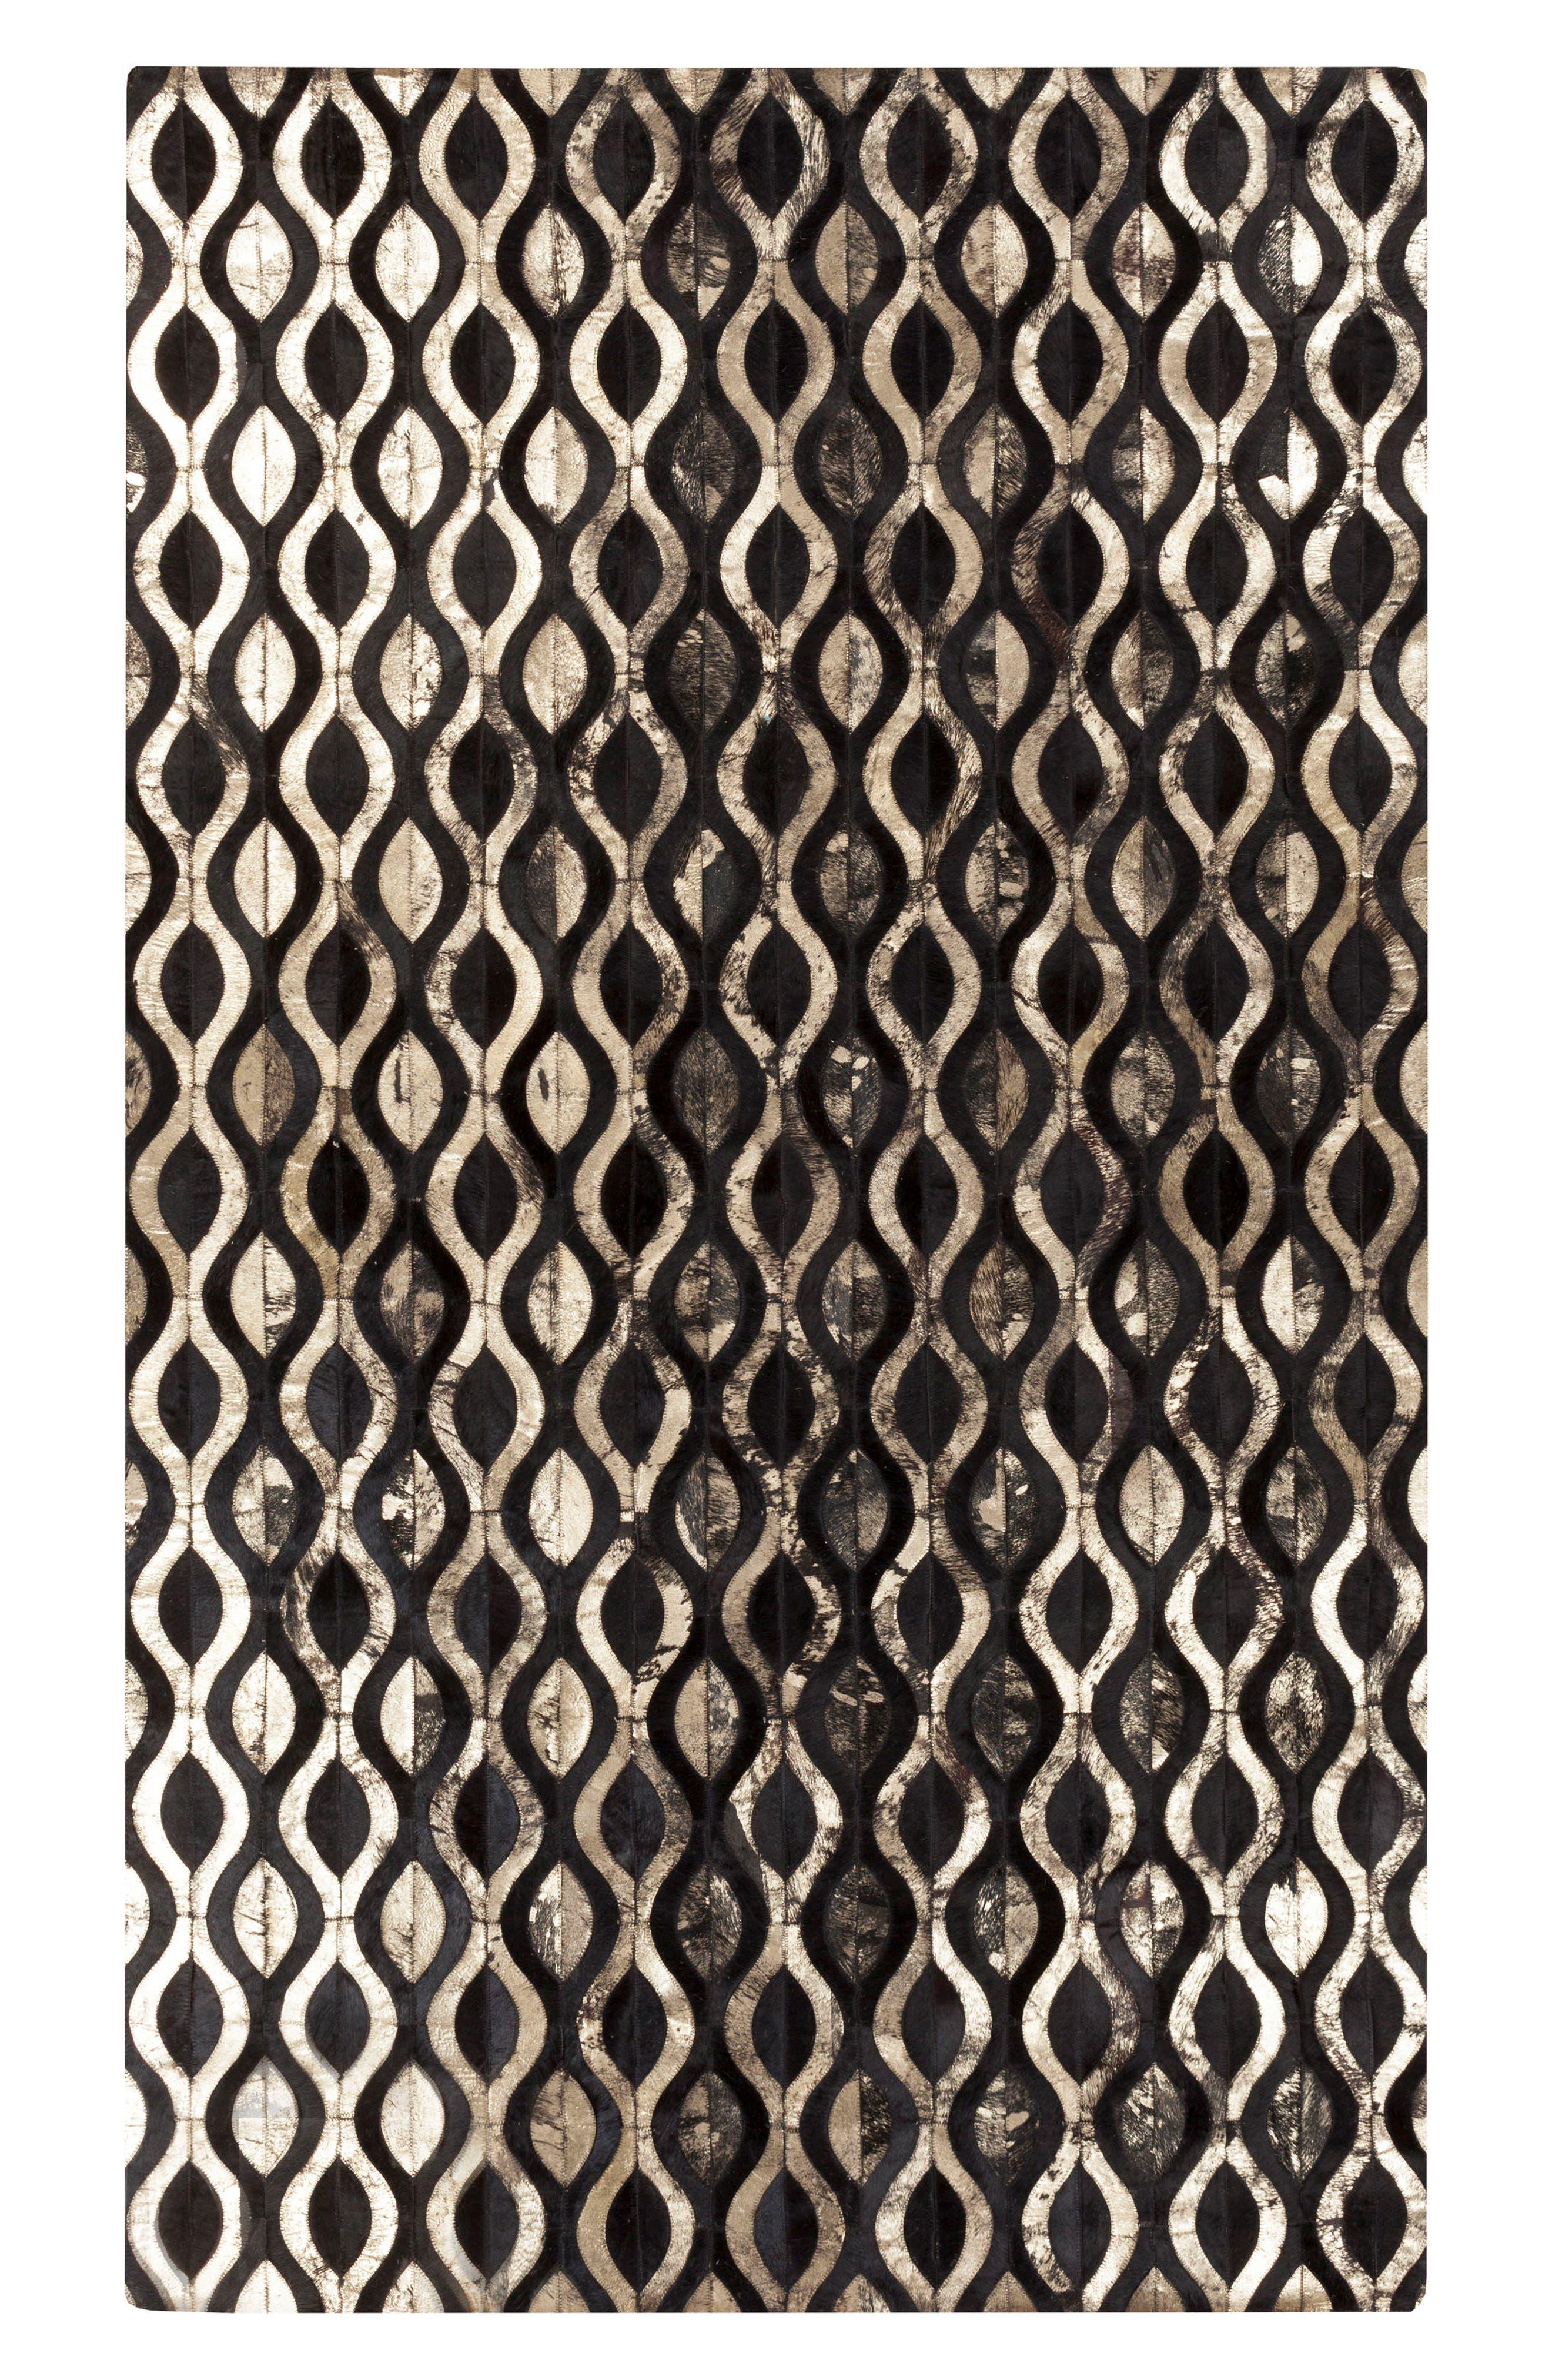 Trail Stone Genuine Calf Hair Rug,                             Main thumbnail 1, color,                             001